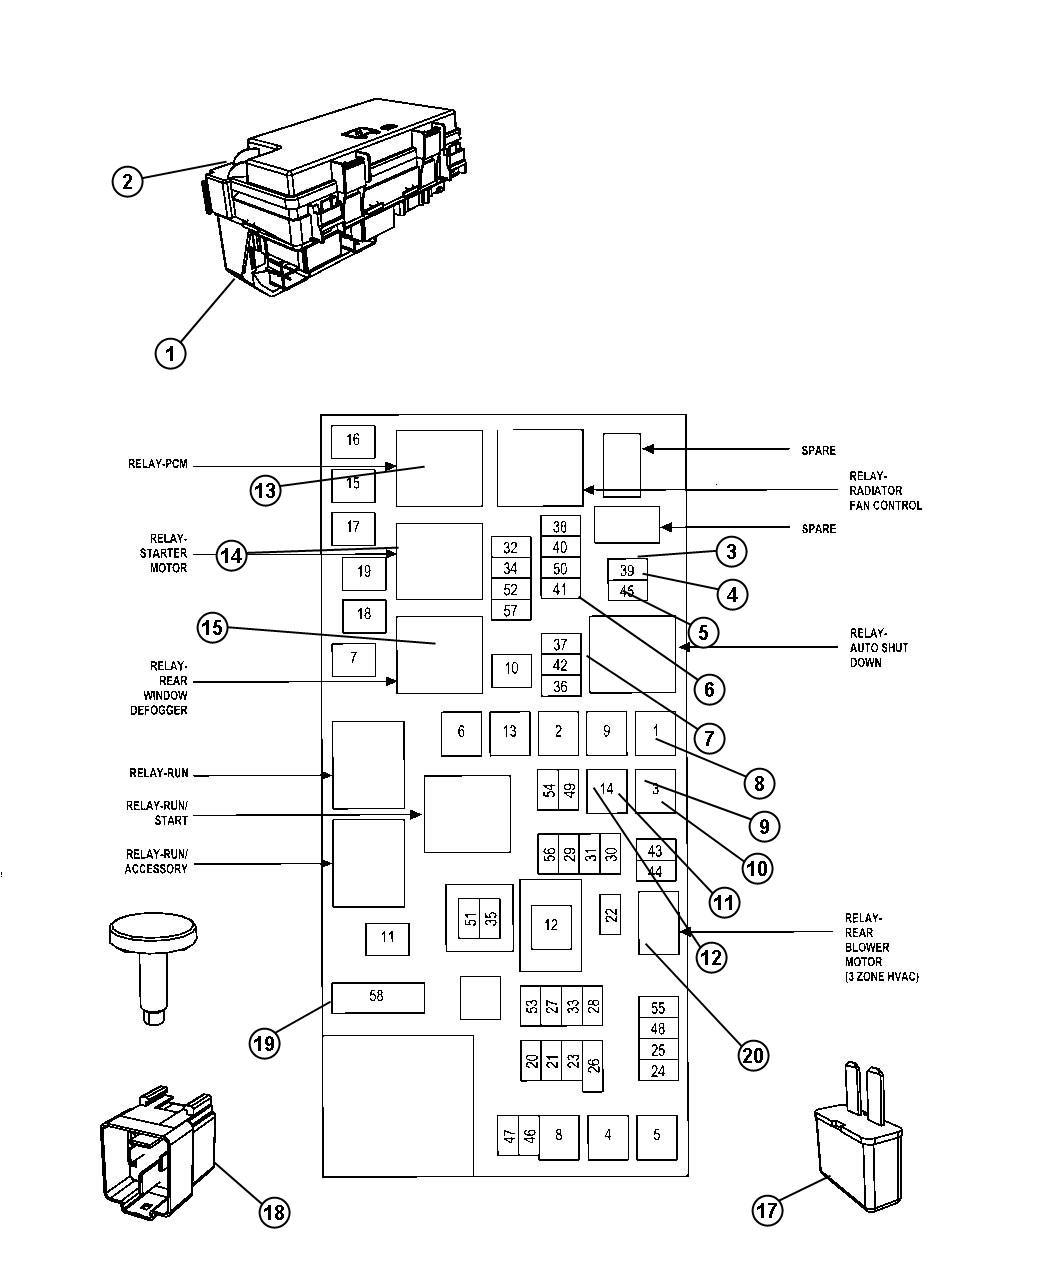 dodge blend door actuator wiring